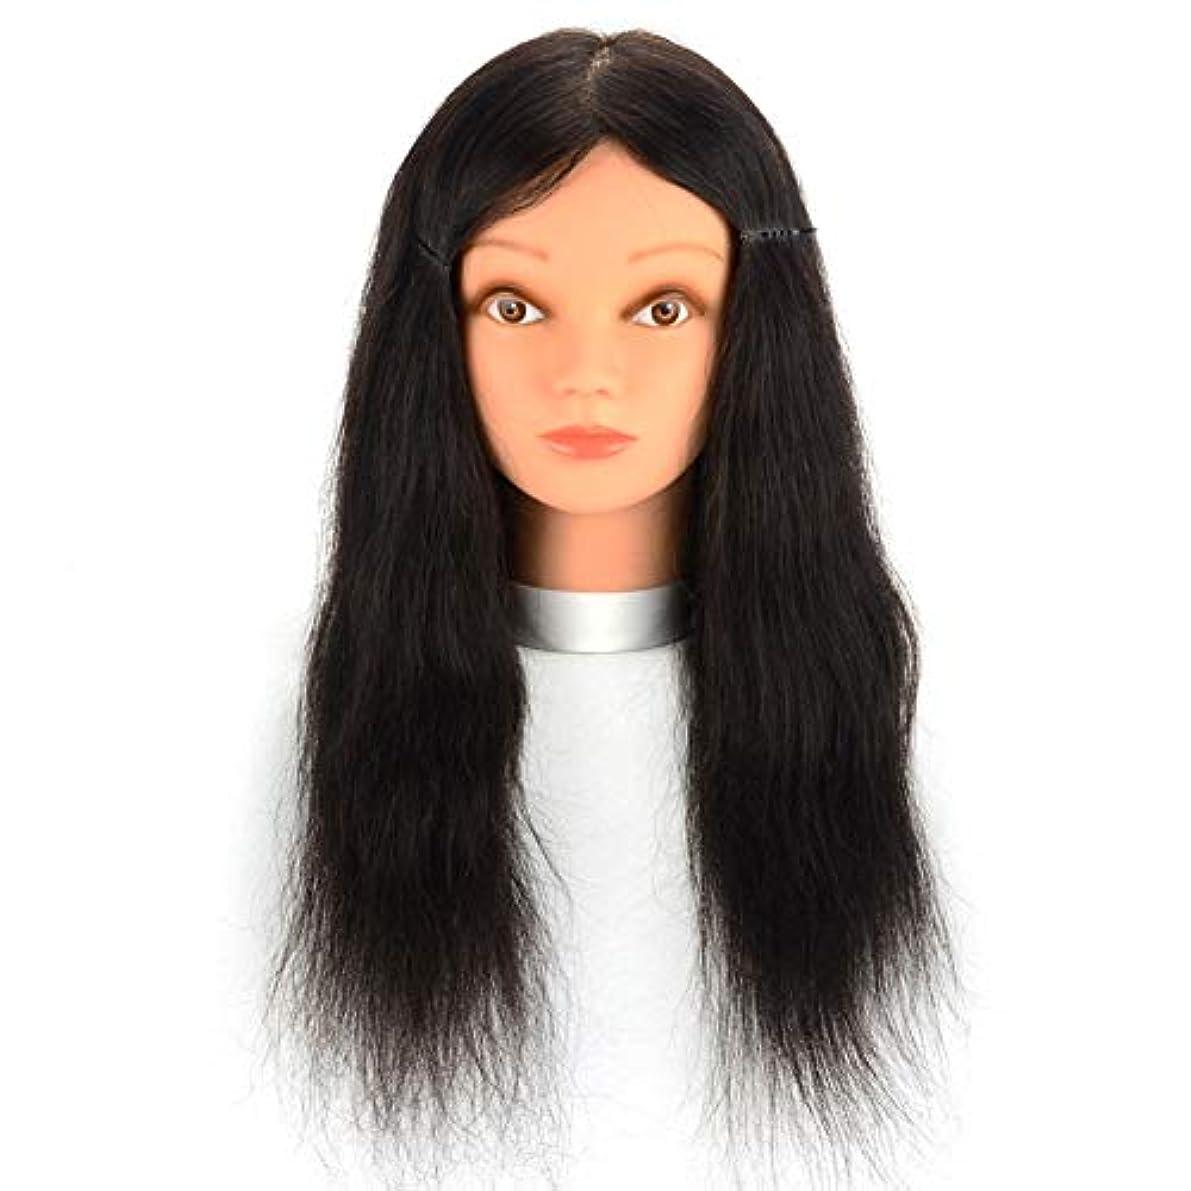 ナチュラル秀でる南西リアルヘアマネキンヘッド理髪店パーマ髪染色練習かつらヘッドモデルメイクアップヘアカット練習ダミーヘッド,16inches